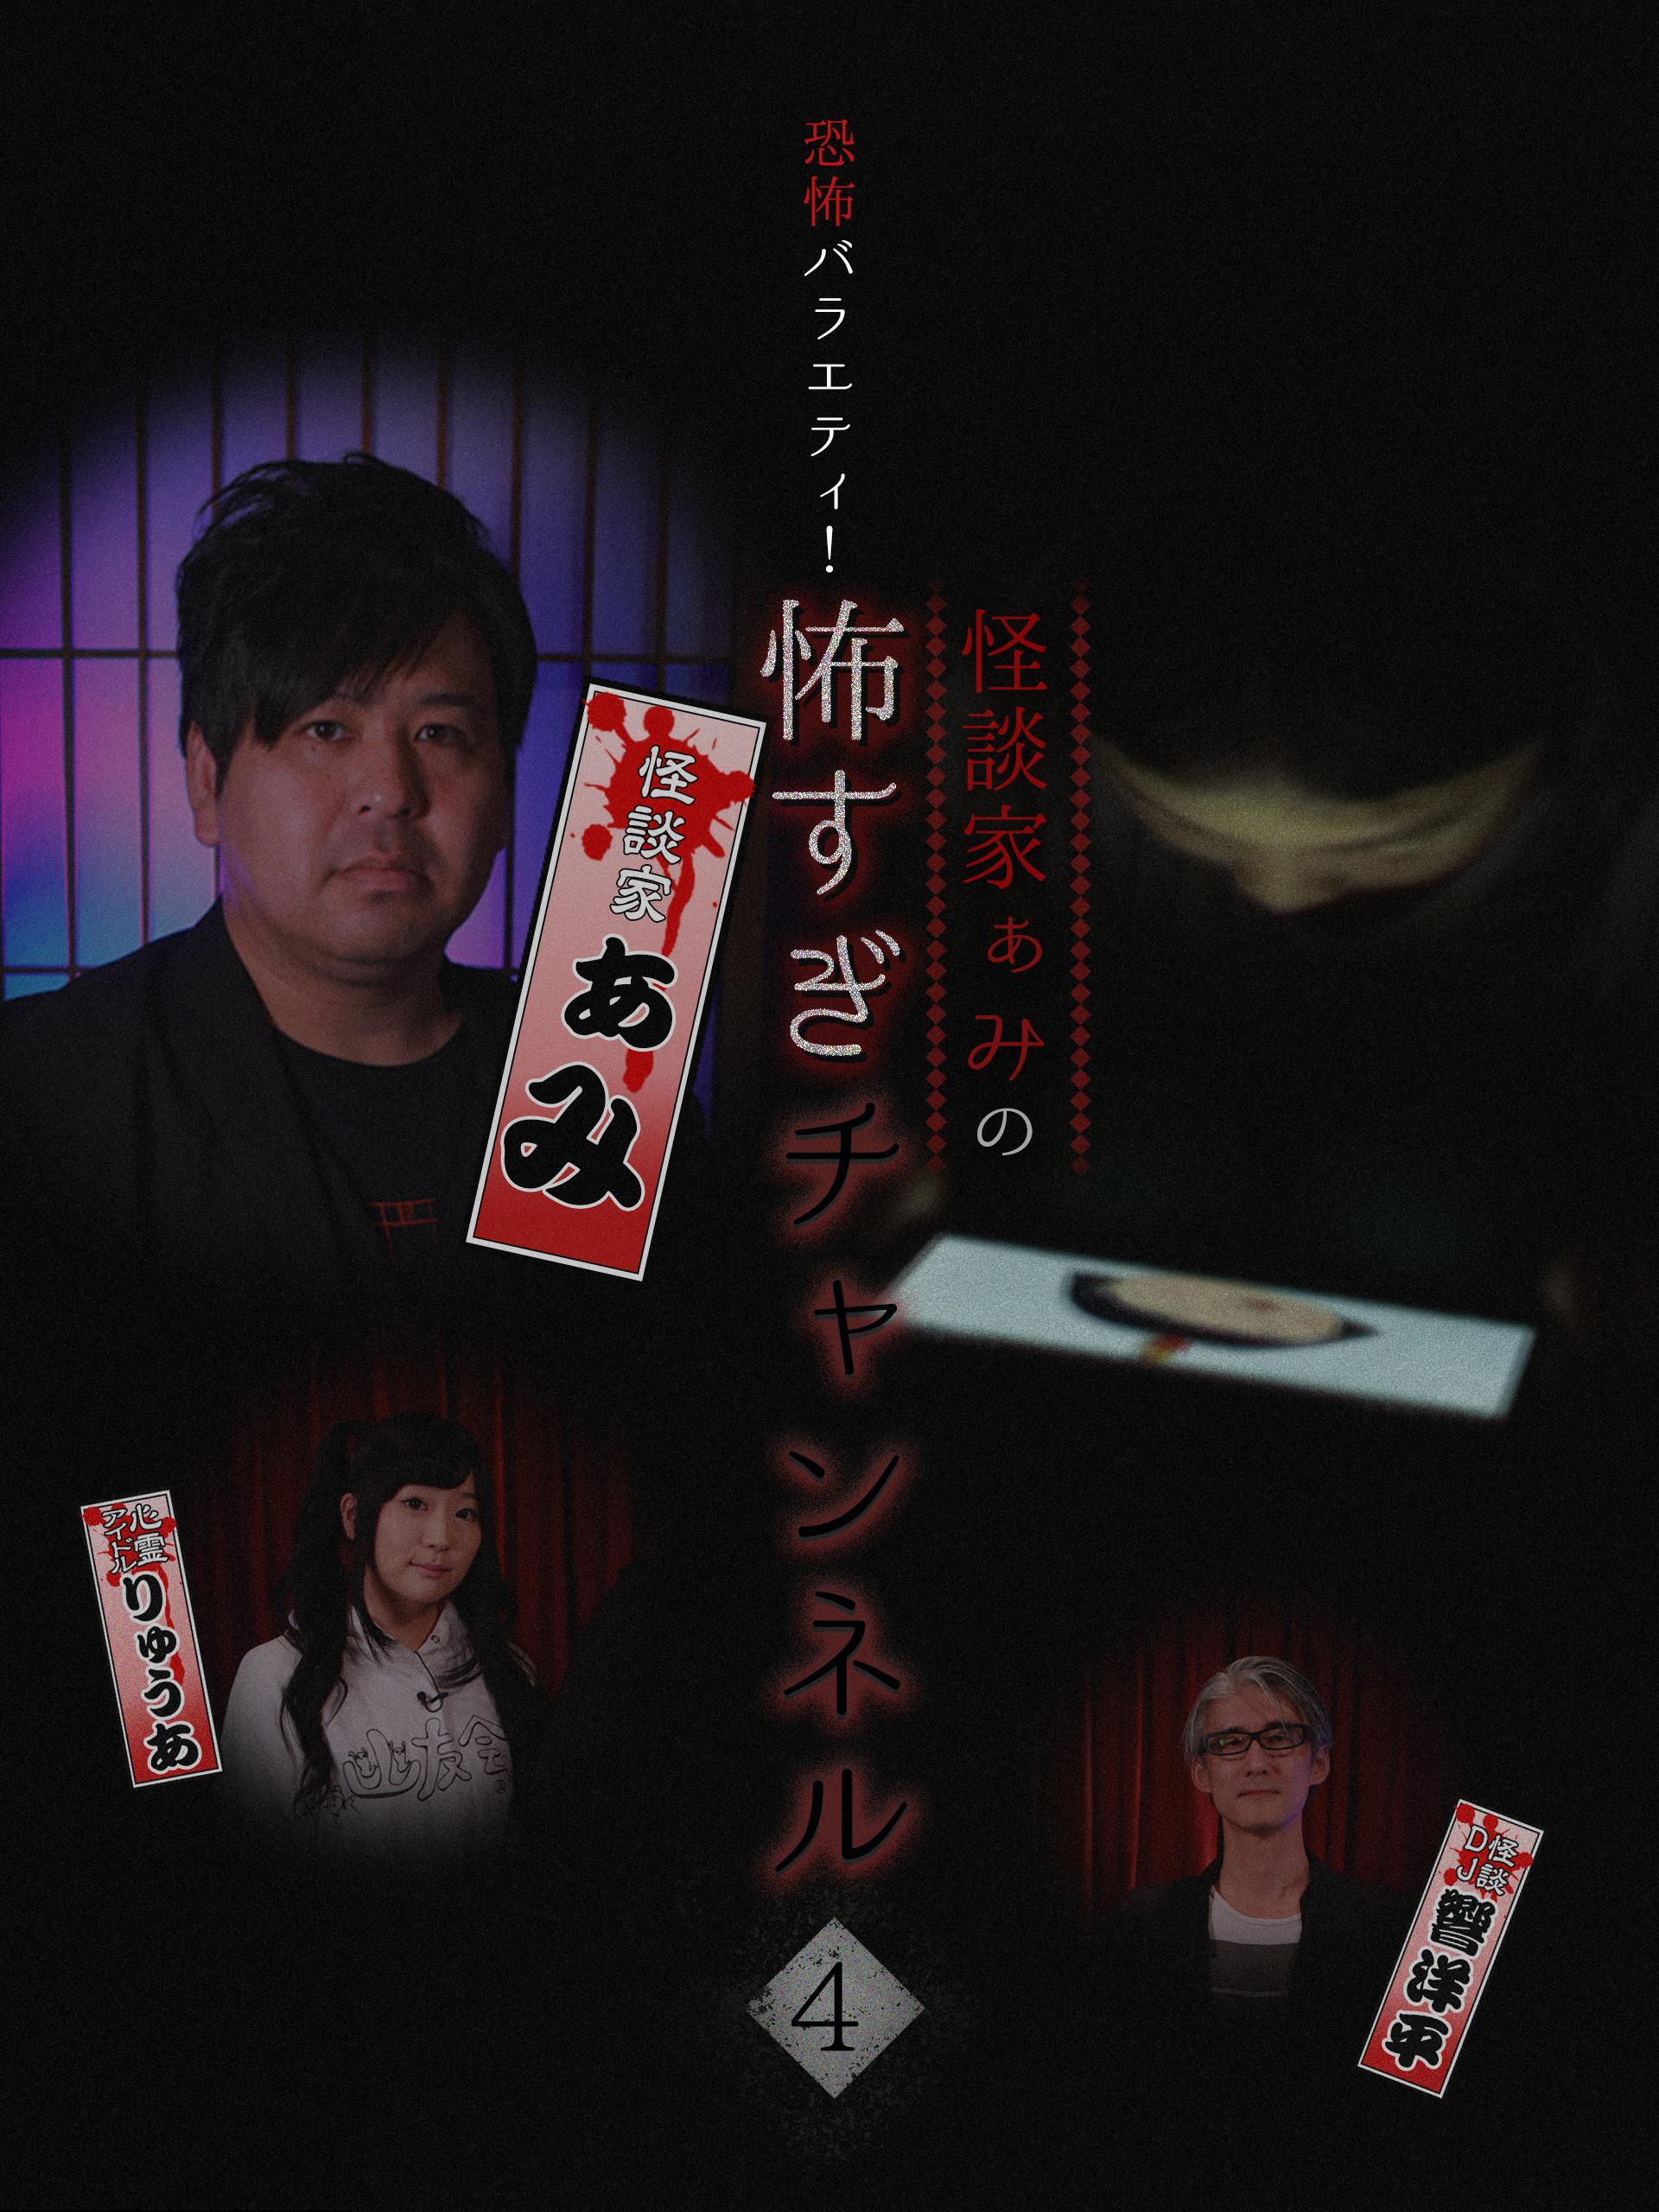 恐怖バラエティ!怪談家ぁみの怖すぎチャンネル(4)